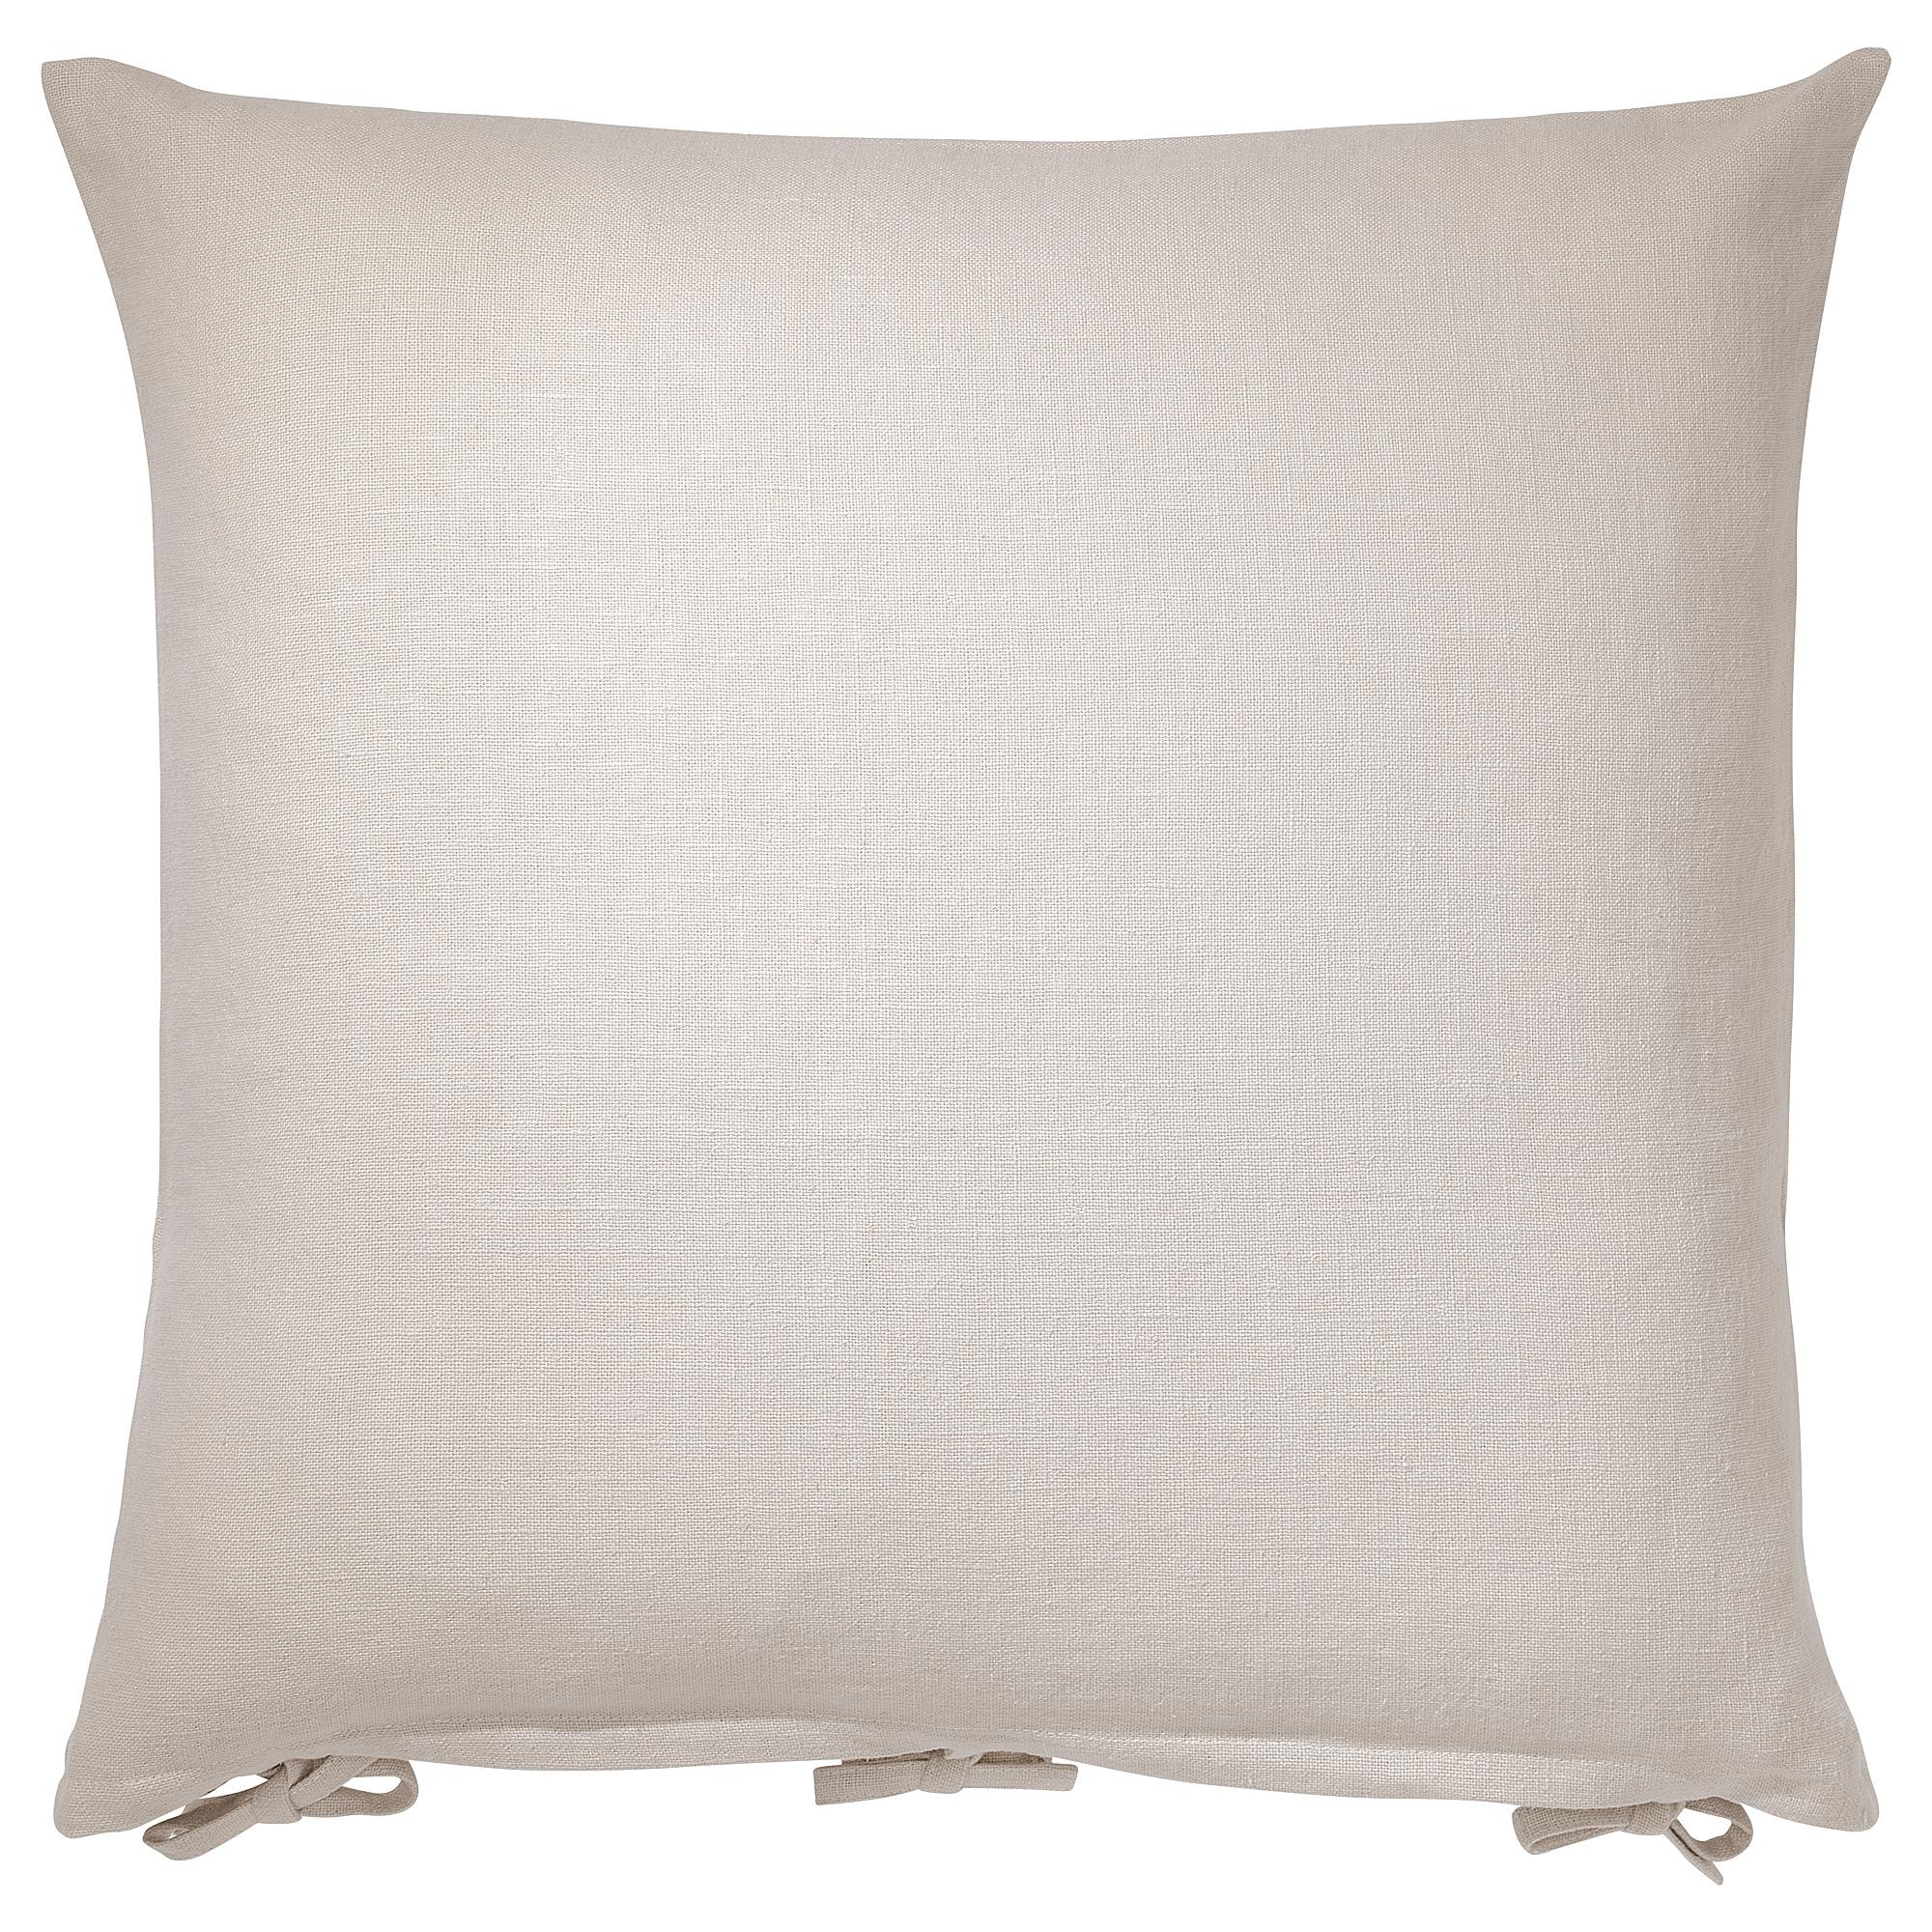 Чехол на подушку УРСУЛА светло-бежевый артикуль № 203.958.40 в наличии. Интернет магазин IKEA РБ. Недорогая доставка и установка.